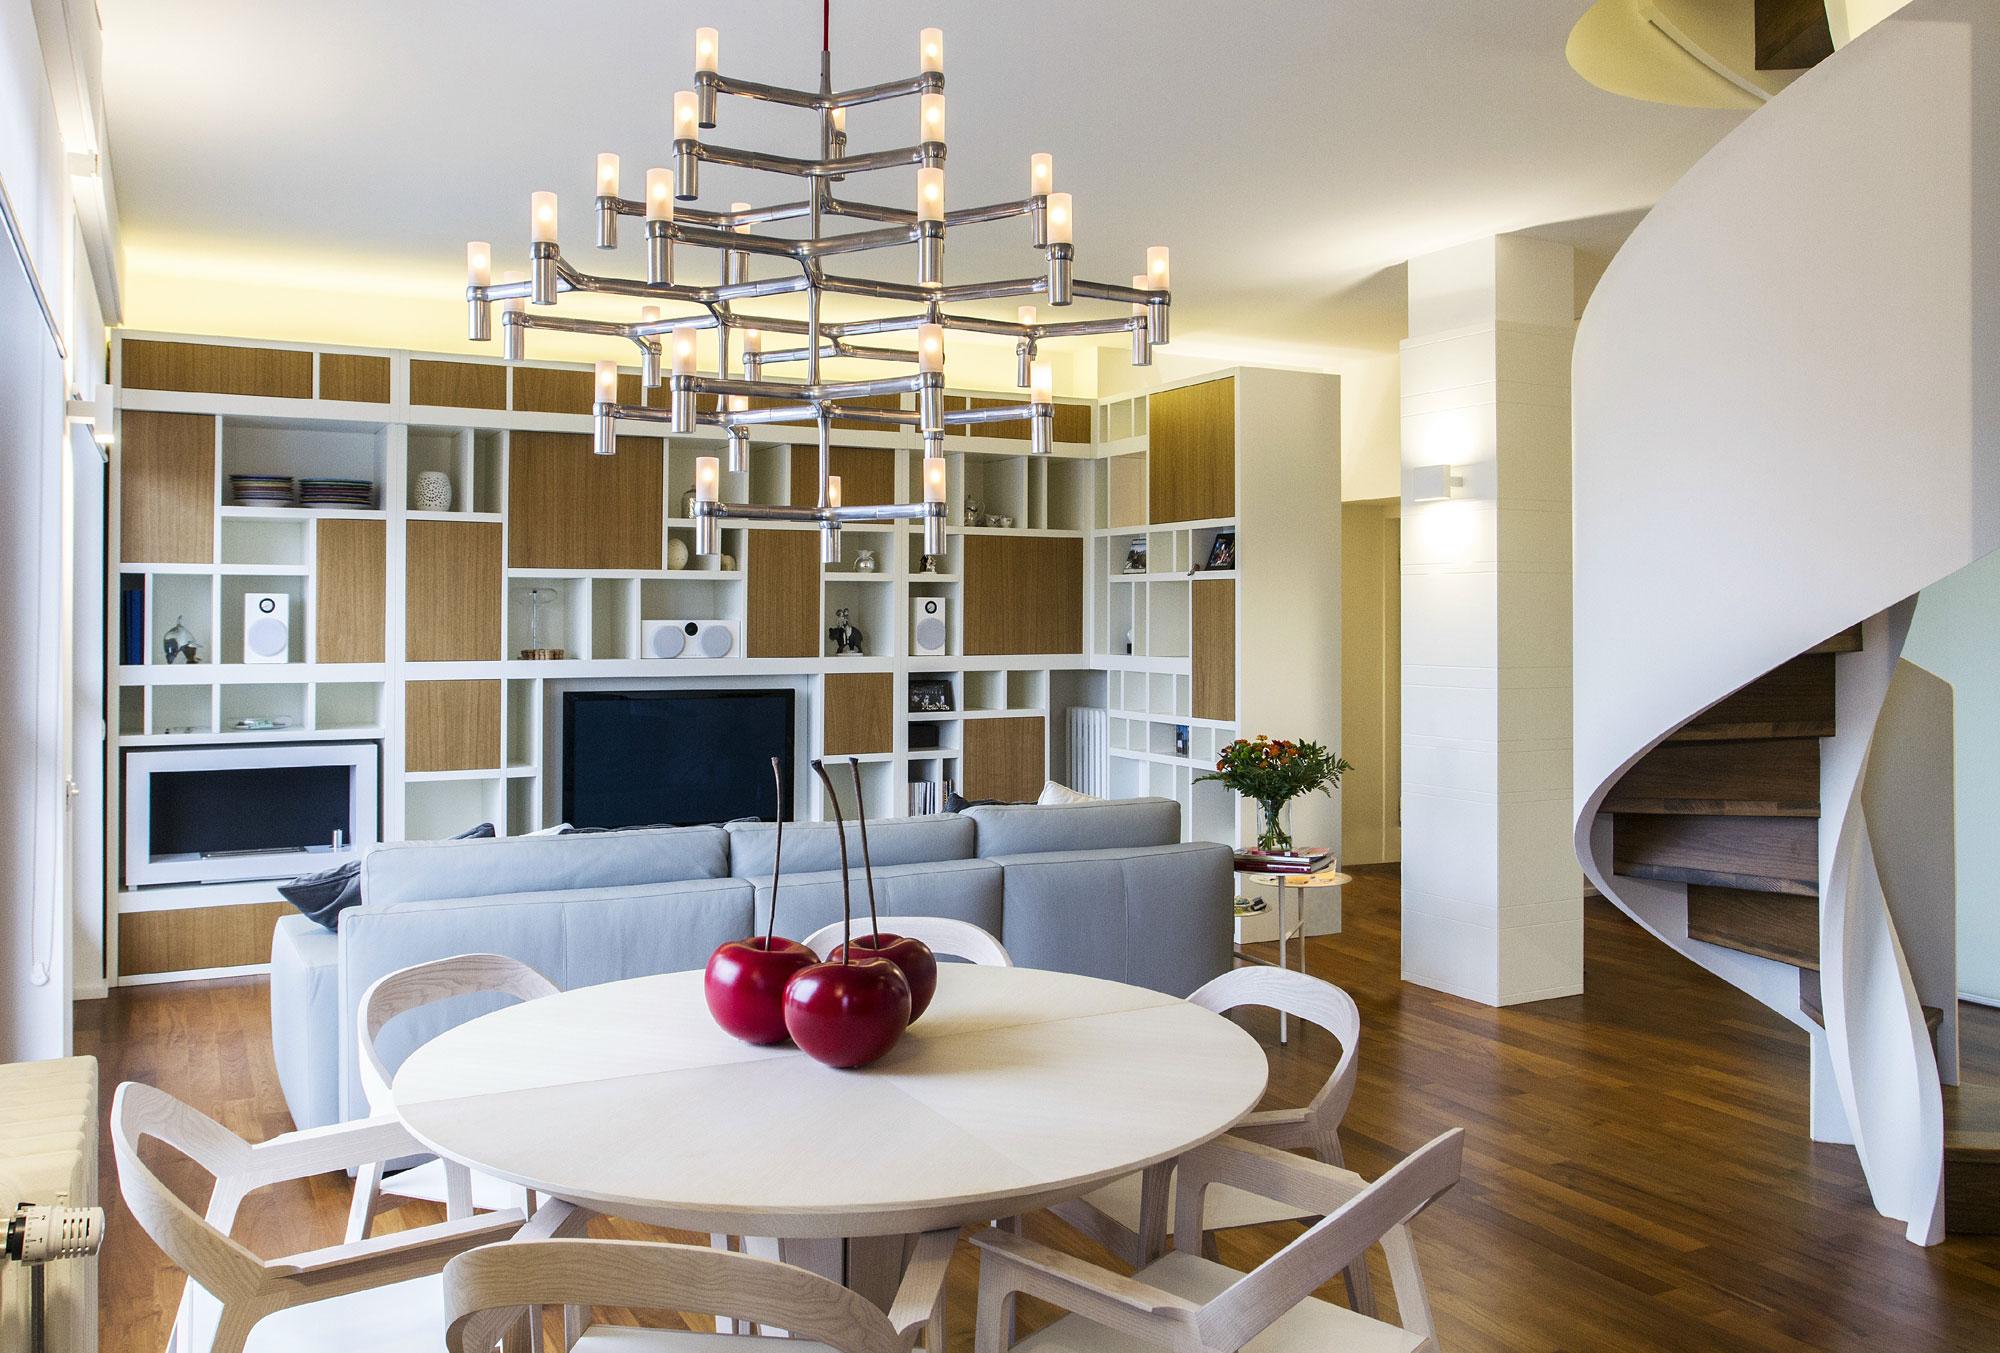 Idee Ristrutturazione Cucina Soggiorno ristrutturazione cucina, soggiorno, scala e bagni | sogek